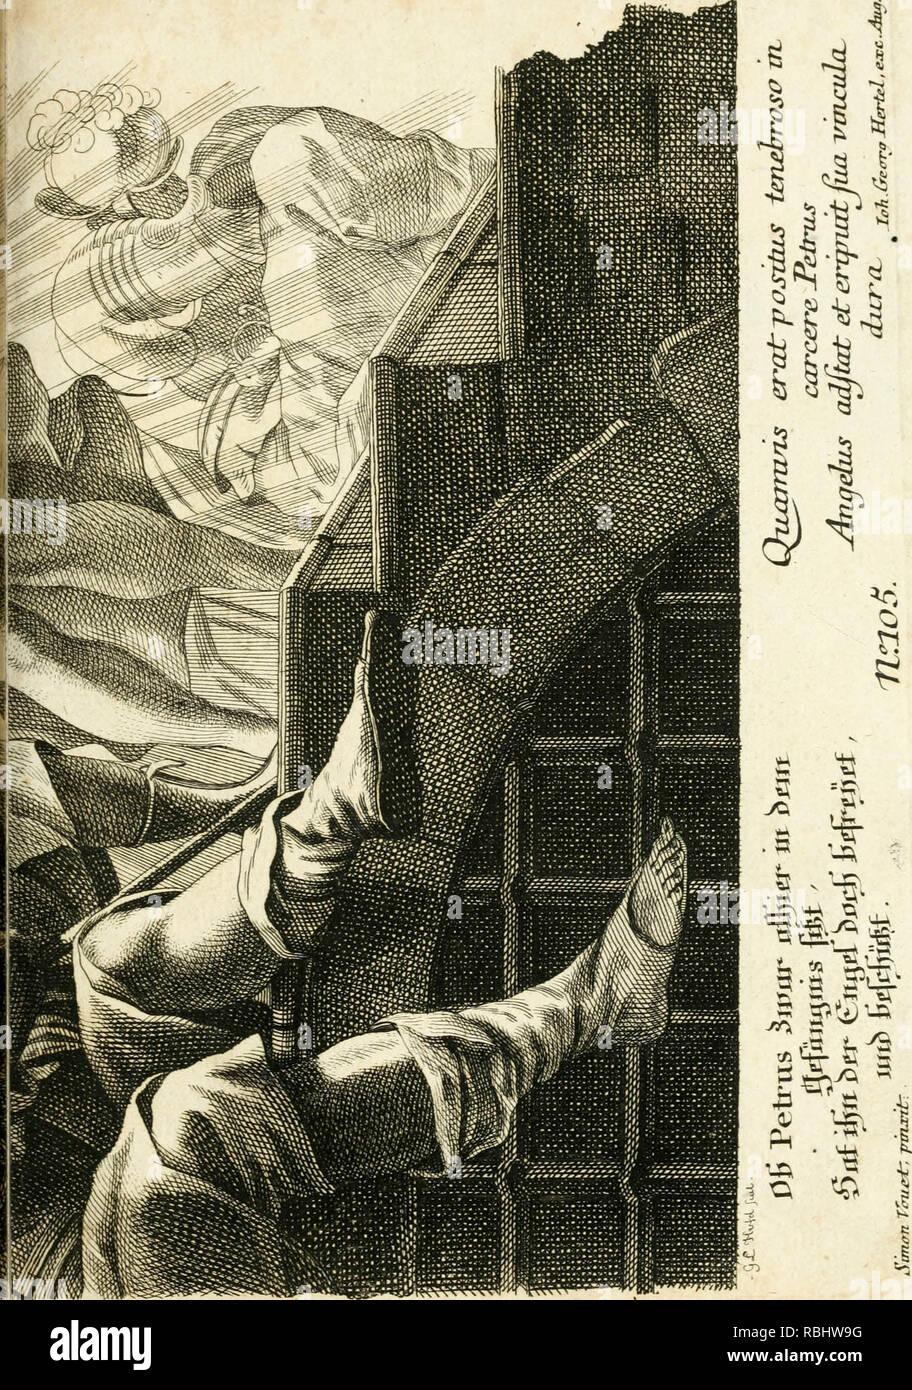 """""""Pars I. des berühmten ITALIÄNISCHE[n] Ritters Caesaris Ripae, allerley Künsten und Wissenschafften dienlicher Sinnbildern und Gedancken: welchen jedesmahlen eine hierzu taugliche Historia oder beÿgefüget Gleichnis' (1758) Stockbild"""